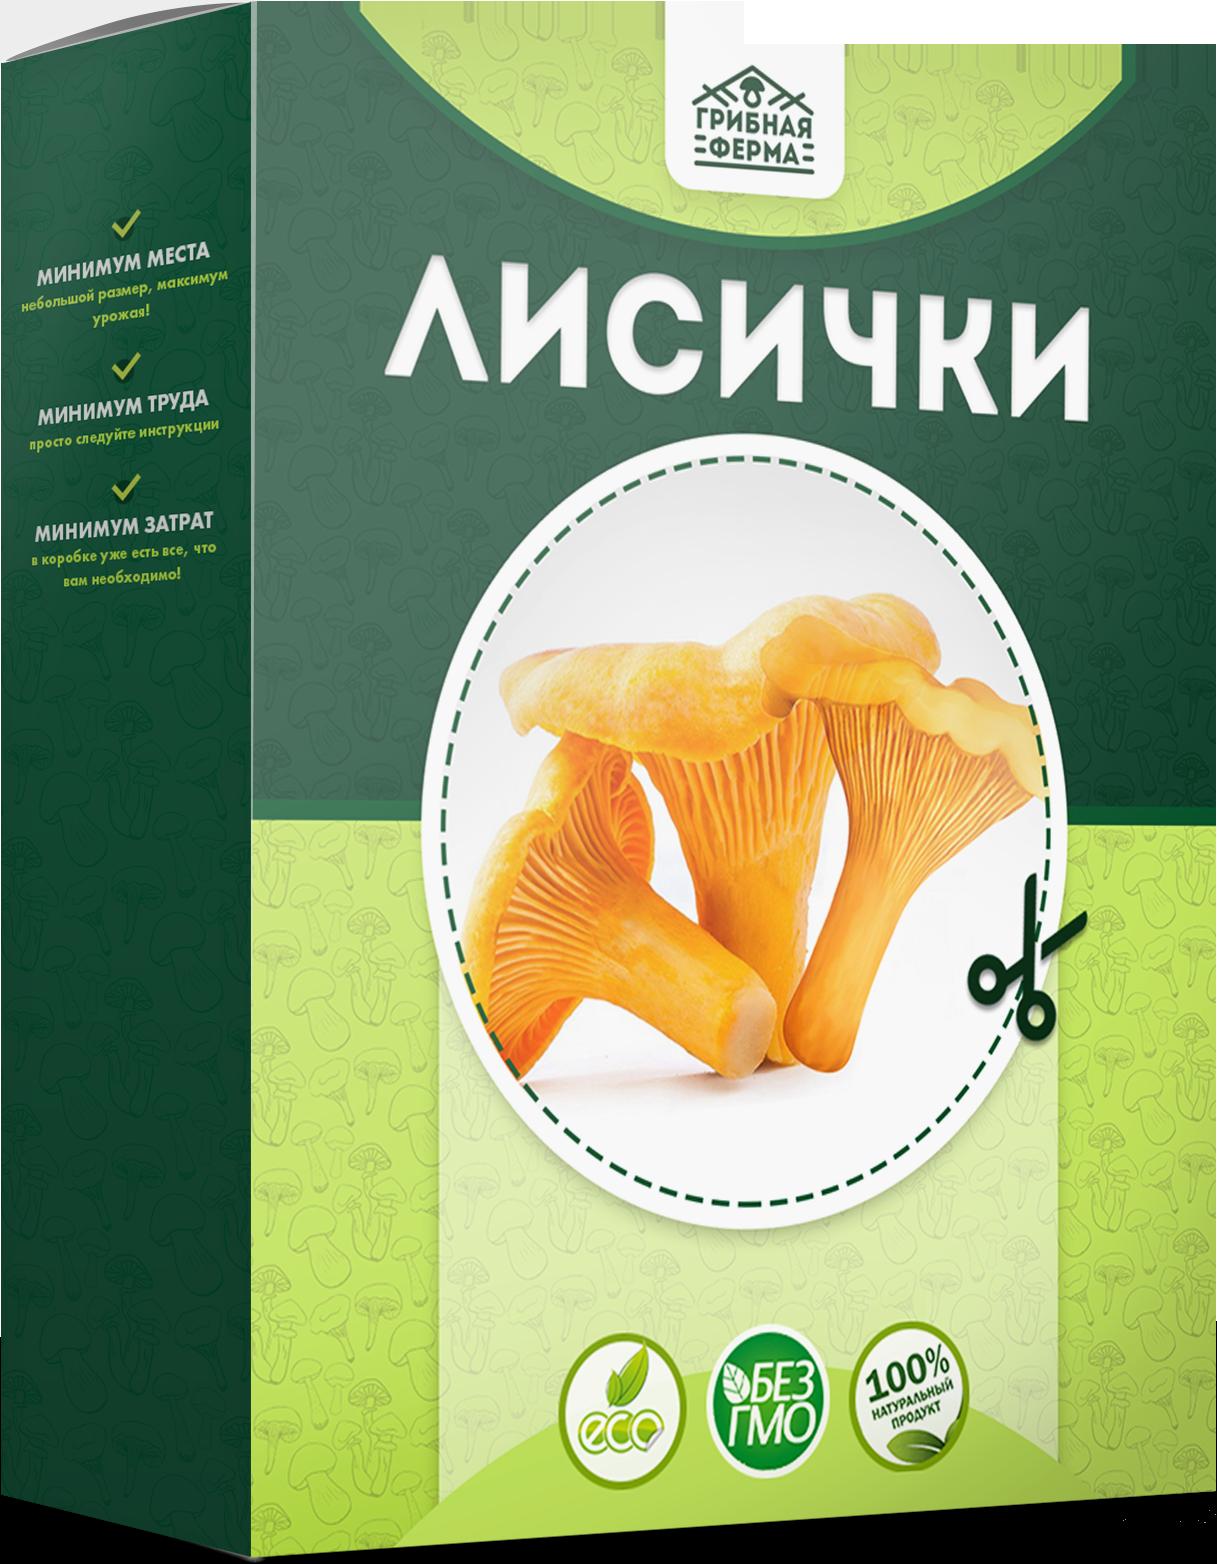 реальные отзывы о грибах в грибной корзине, выращенных в домашних условиях + фото 5